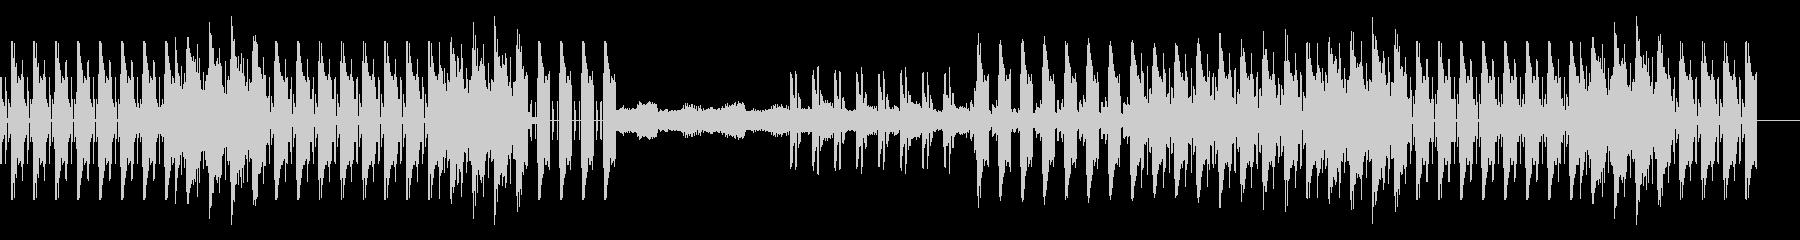 スチームパンク風、楽しい音遣いのBGMの未再生の波形